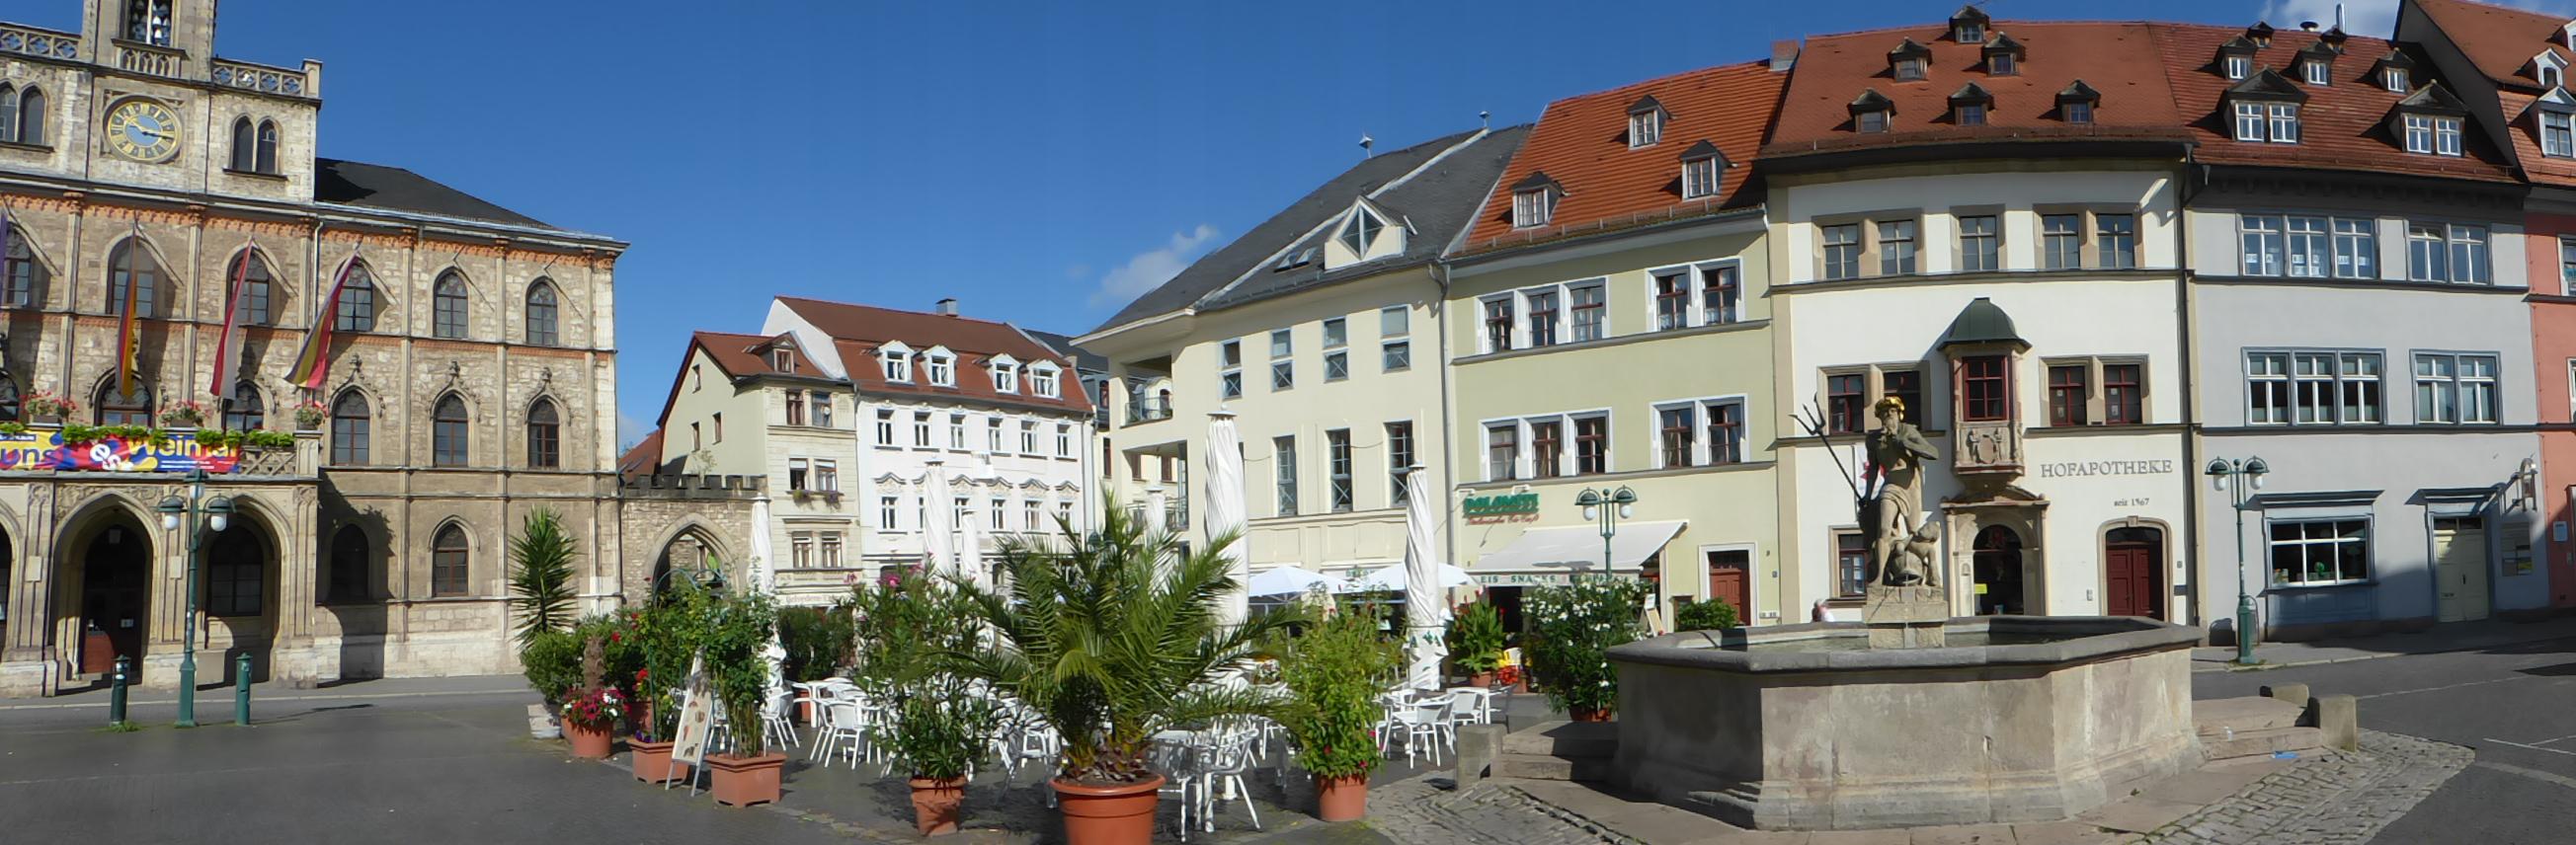 Marktplatz von Weimar, Foto: D.Weirauch